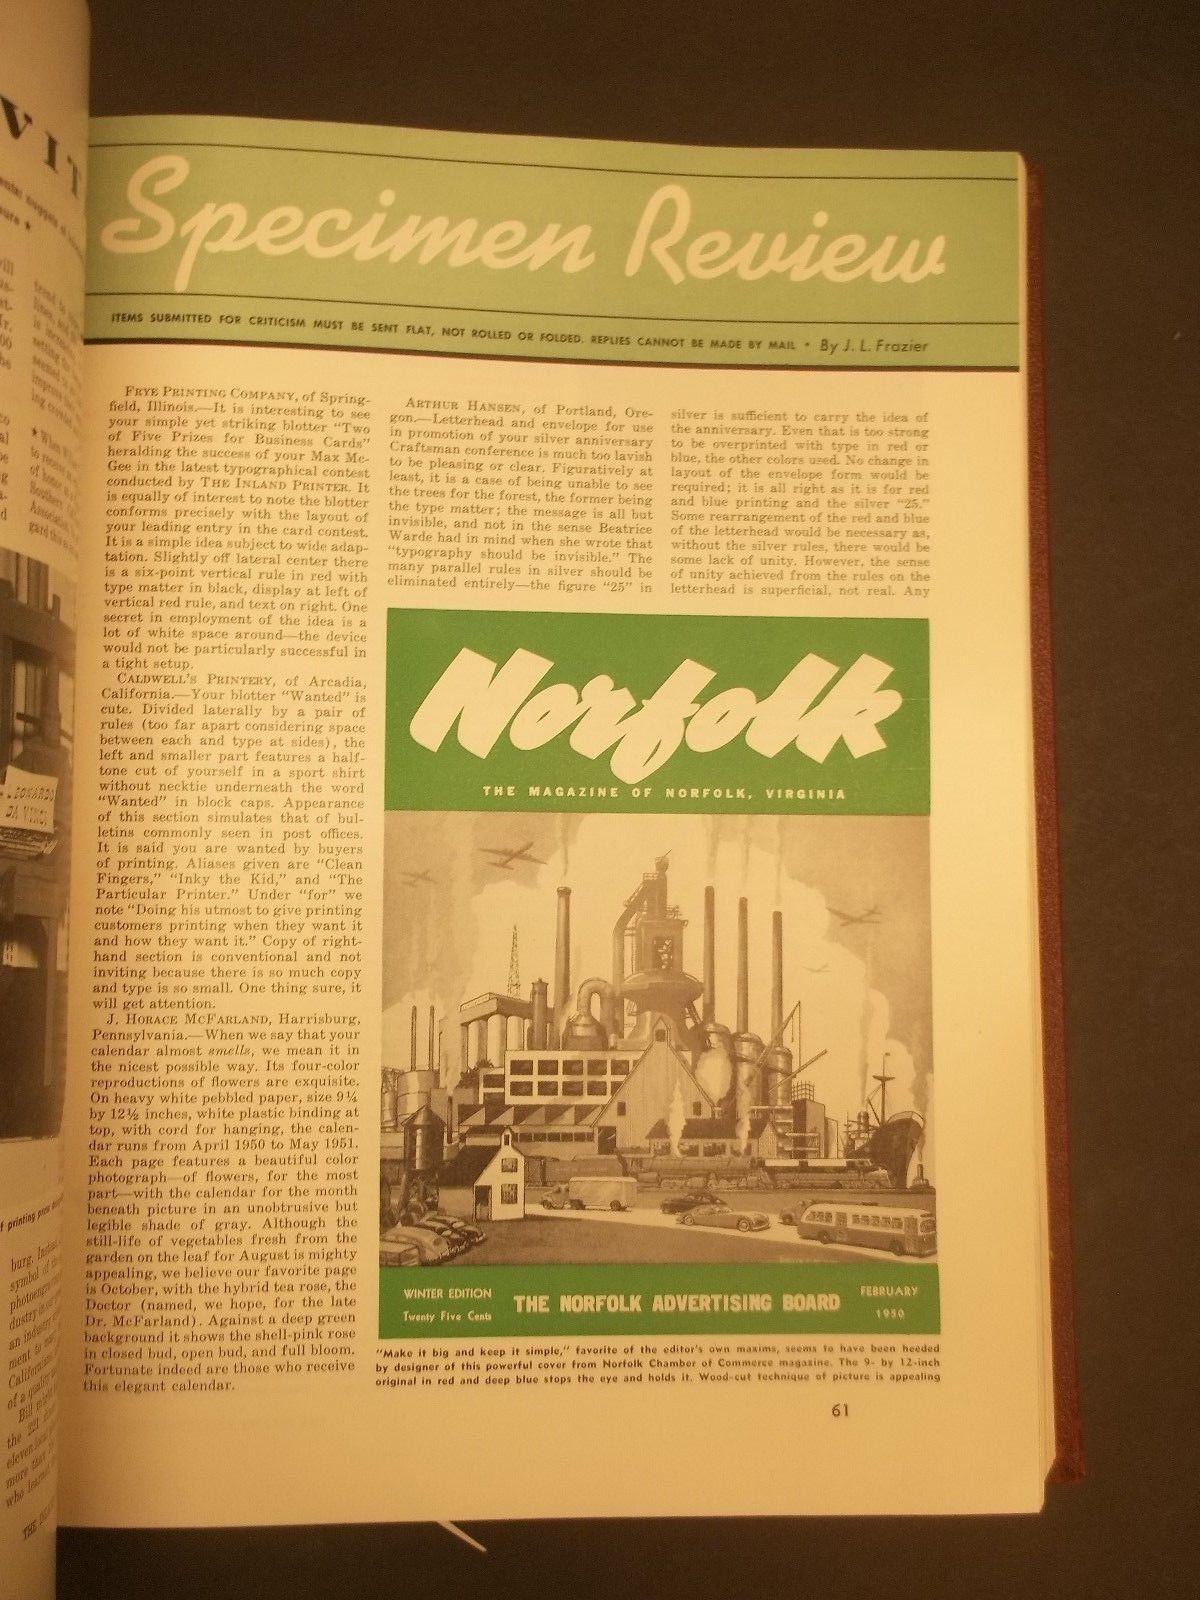 Norfolk magazine, Feb. 1950